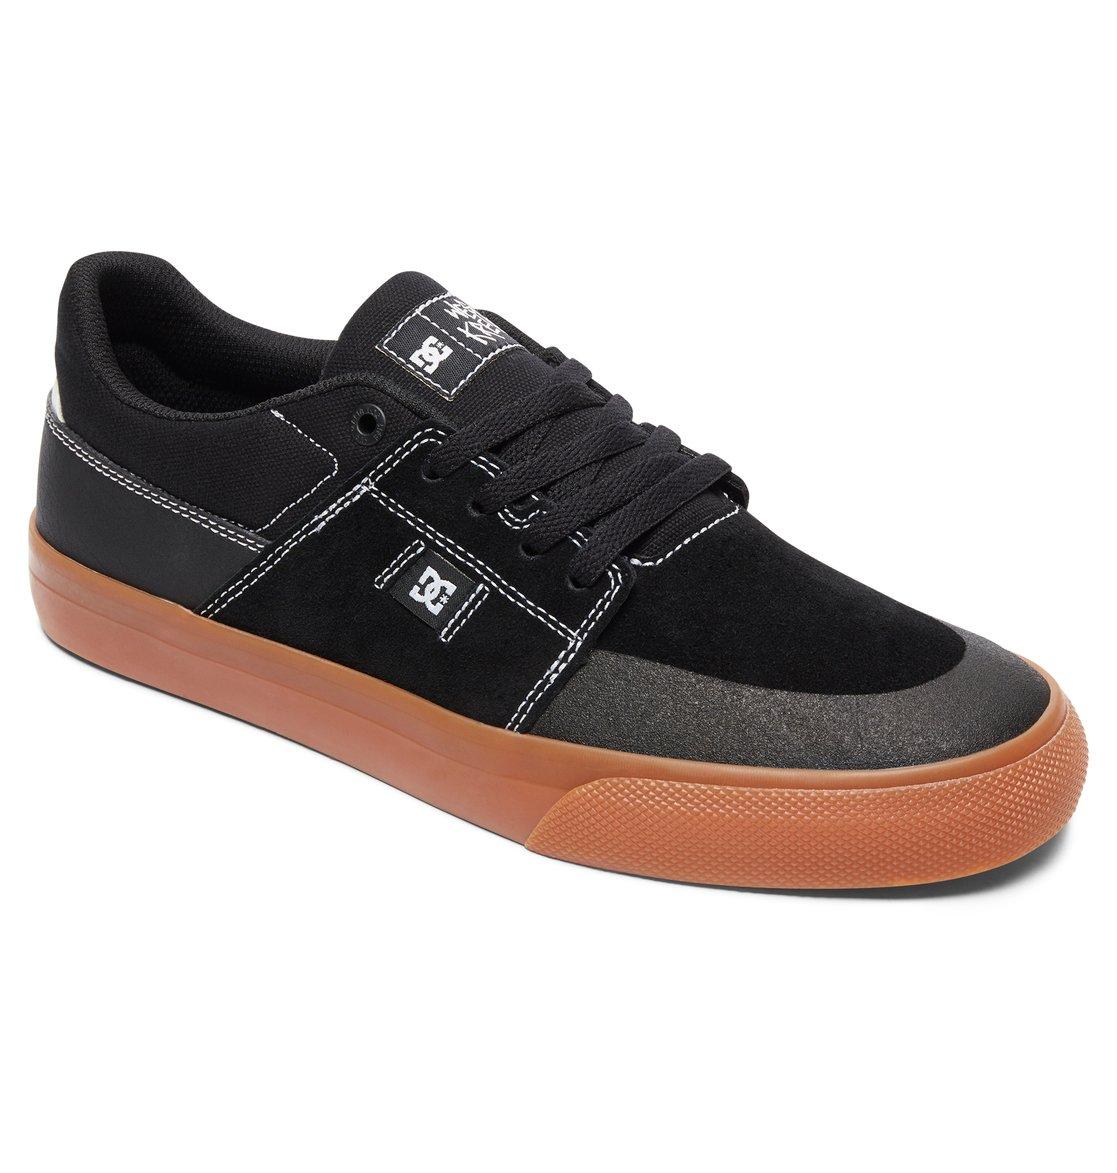 DC-Shoes-Wes-Kremer-Baskets-pour-Homme-ADYS300315 miniature 11